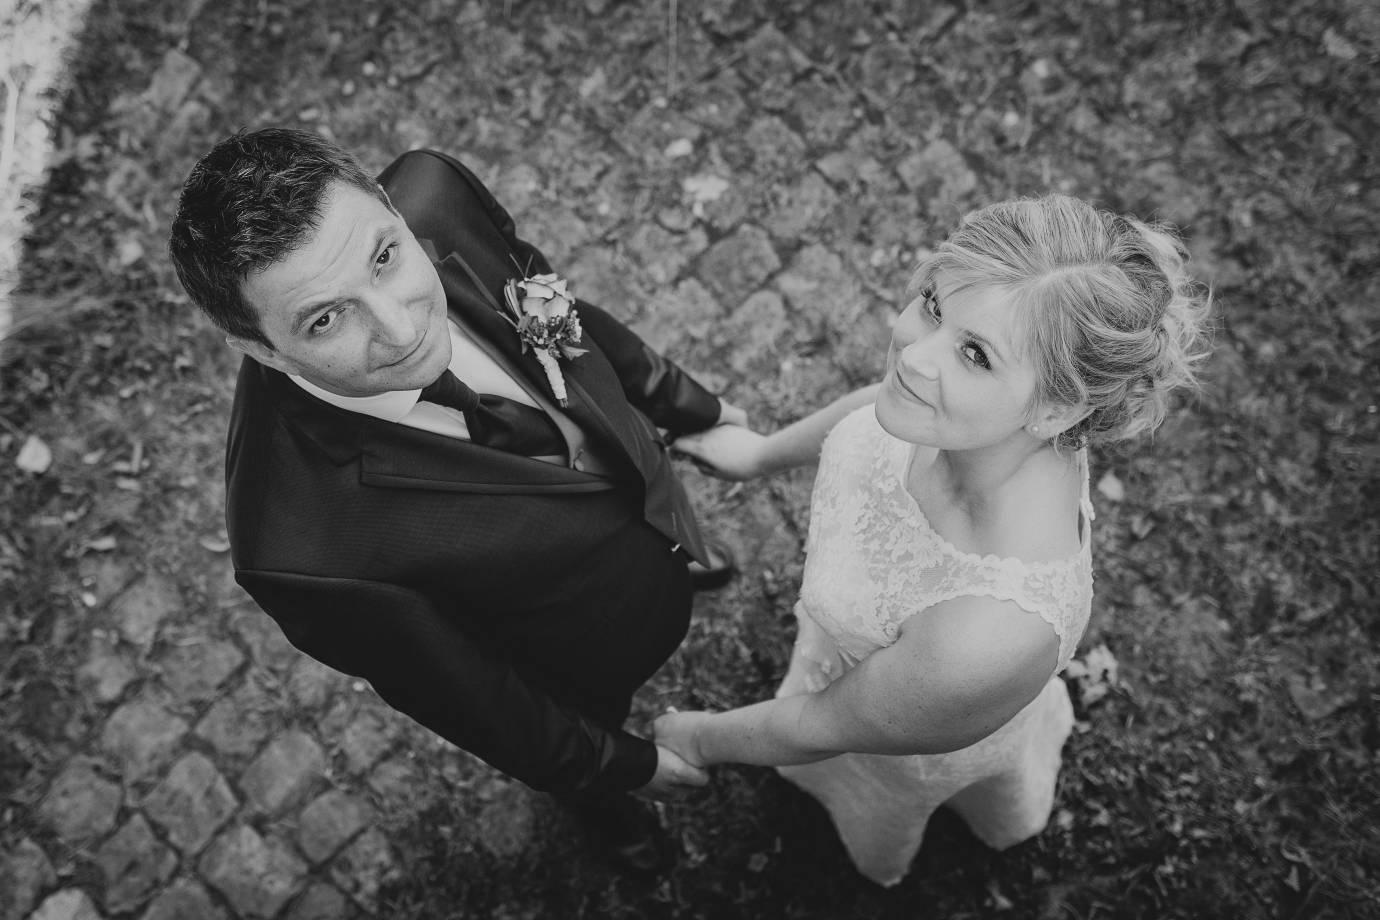 hochzeitsfotograf ohz 092 - Nina+Jens